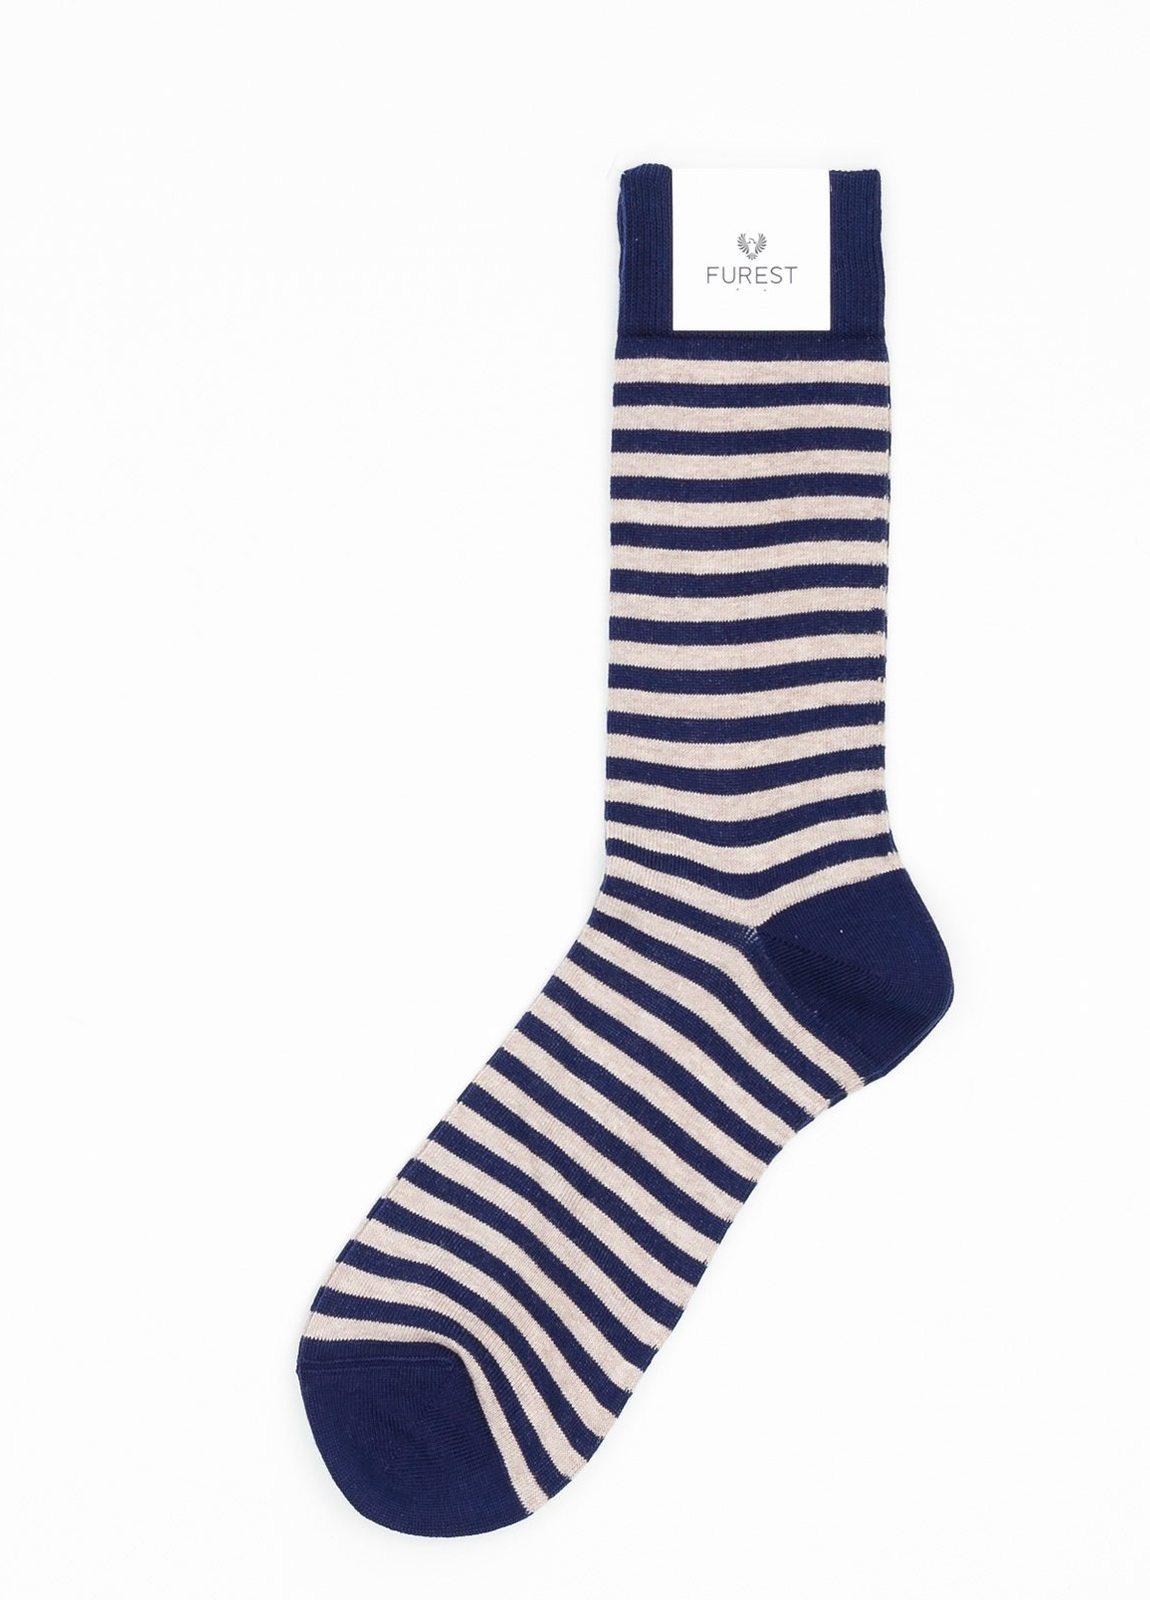 Calcetín corto, estampado a rayas color azul, 100% algodón.